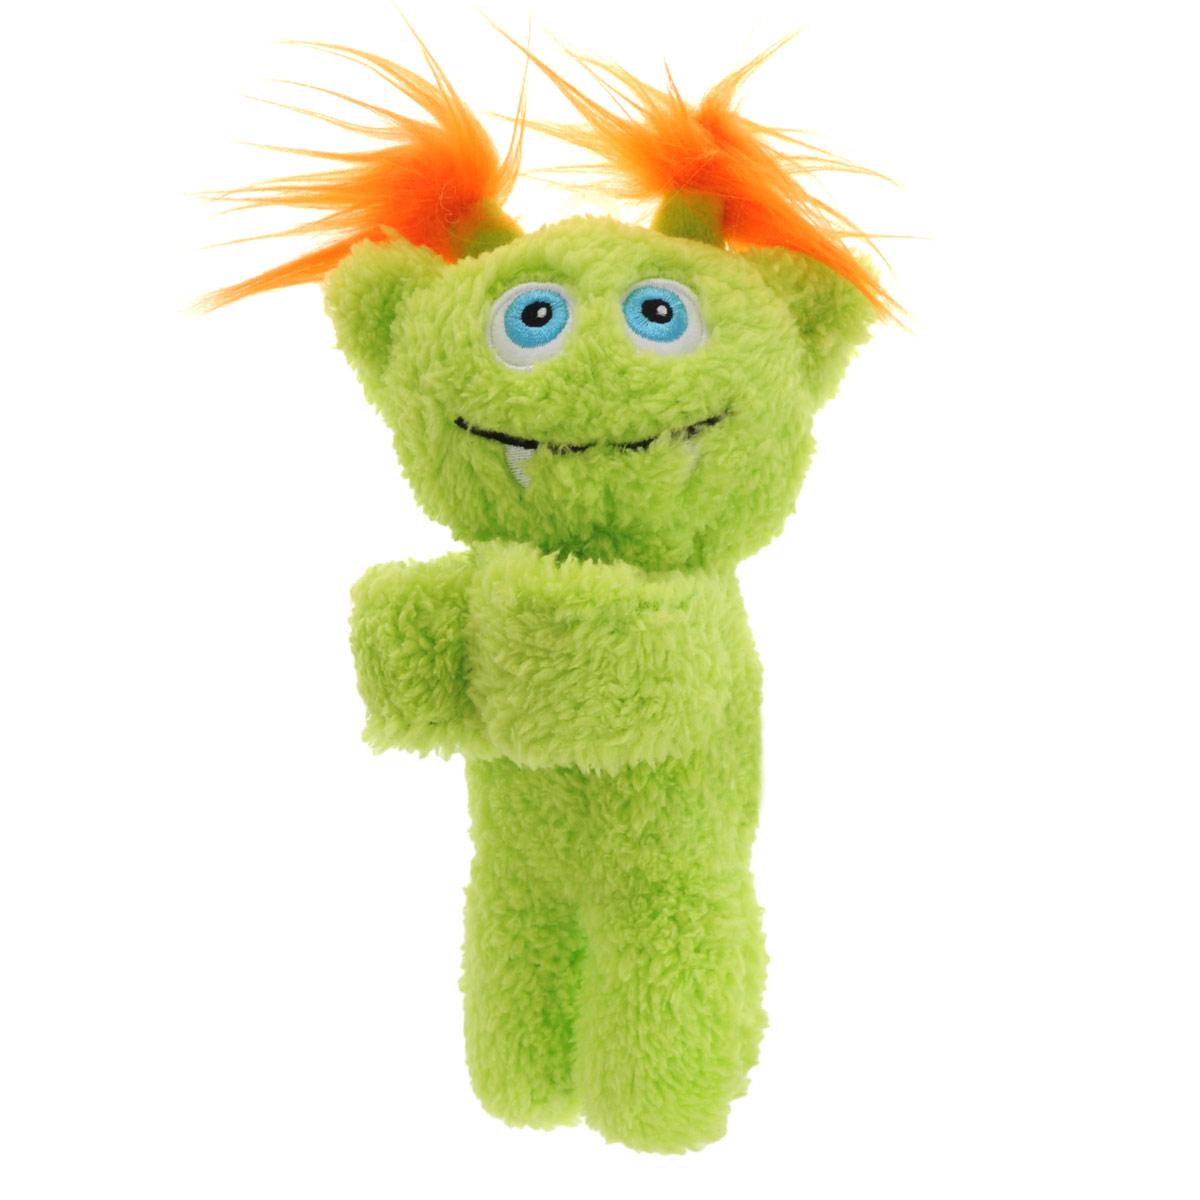 Мягкая игрушка Monsteroos, цвет: салатовый, 19 см243561_салатовыйОригинальная яркая игрушка Monsteroos с забавной улыбкой непременно порадует своего обладателя. Игрушка изготовлена из мягкого текстильного материала с ворсом средней длины, благодаря чему ее будет приятно держать в руках, а насыщенные салатовый и оранжевый цвета обязательно поднимут настроение. Основание лап маленького монстра изготовлено из мягкого пластика с помощью которого он легко может держаться, например за запястье.